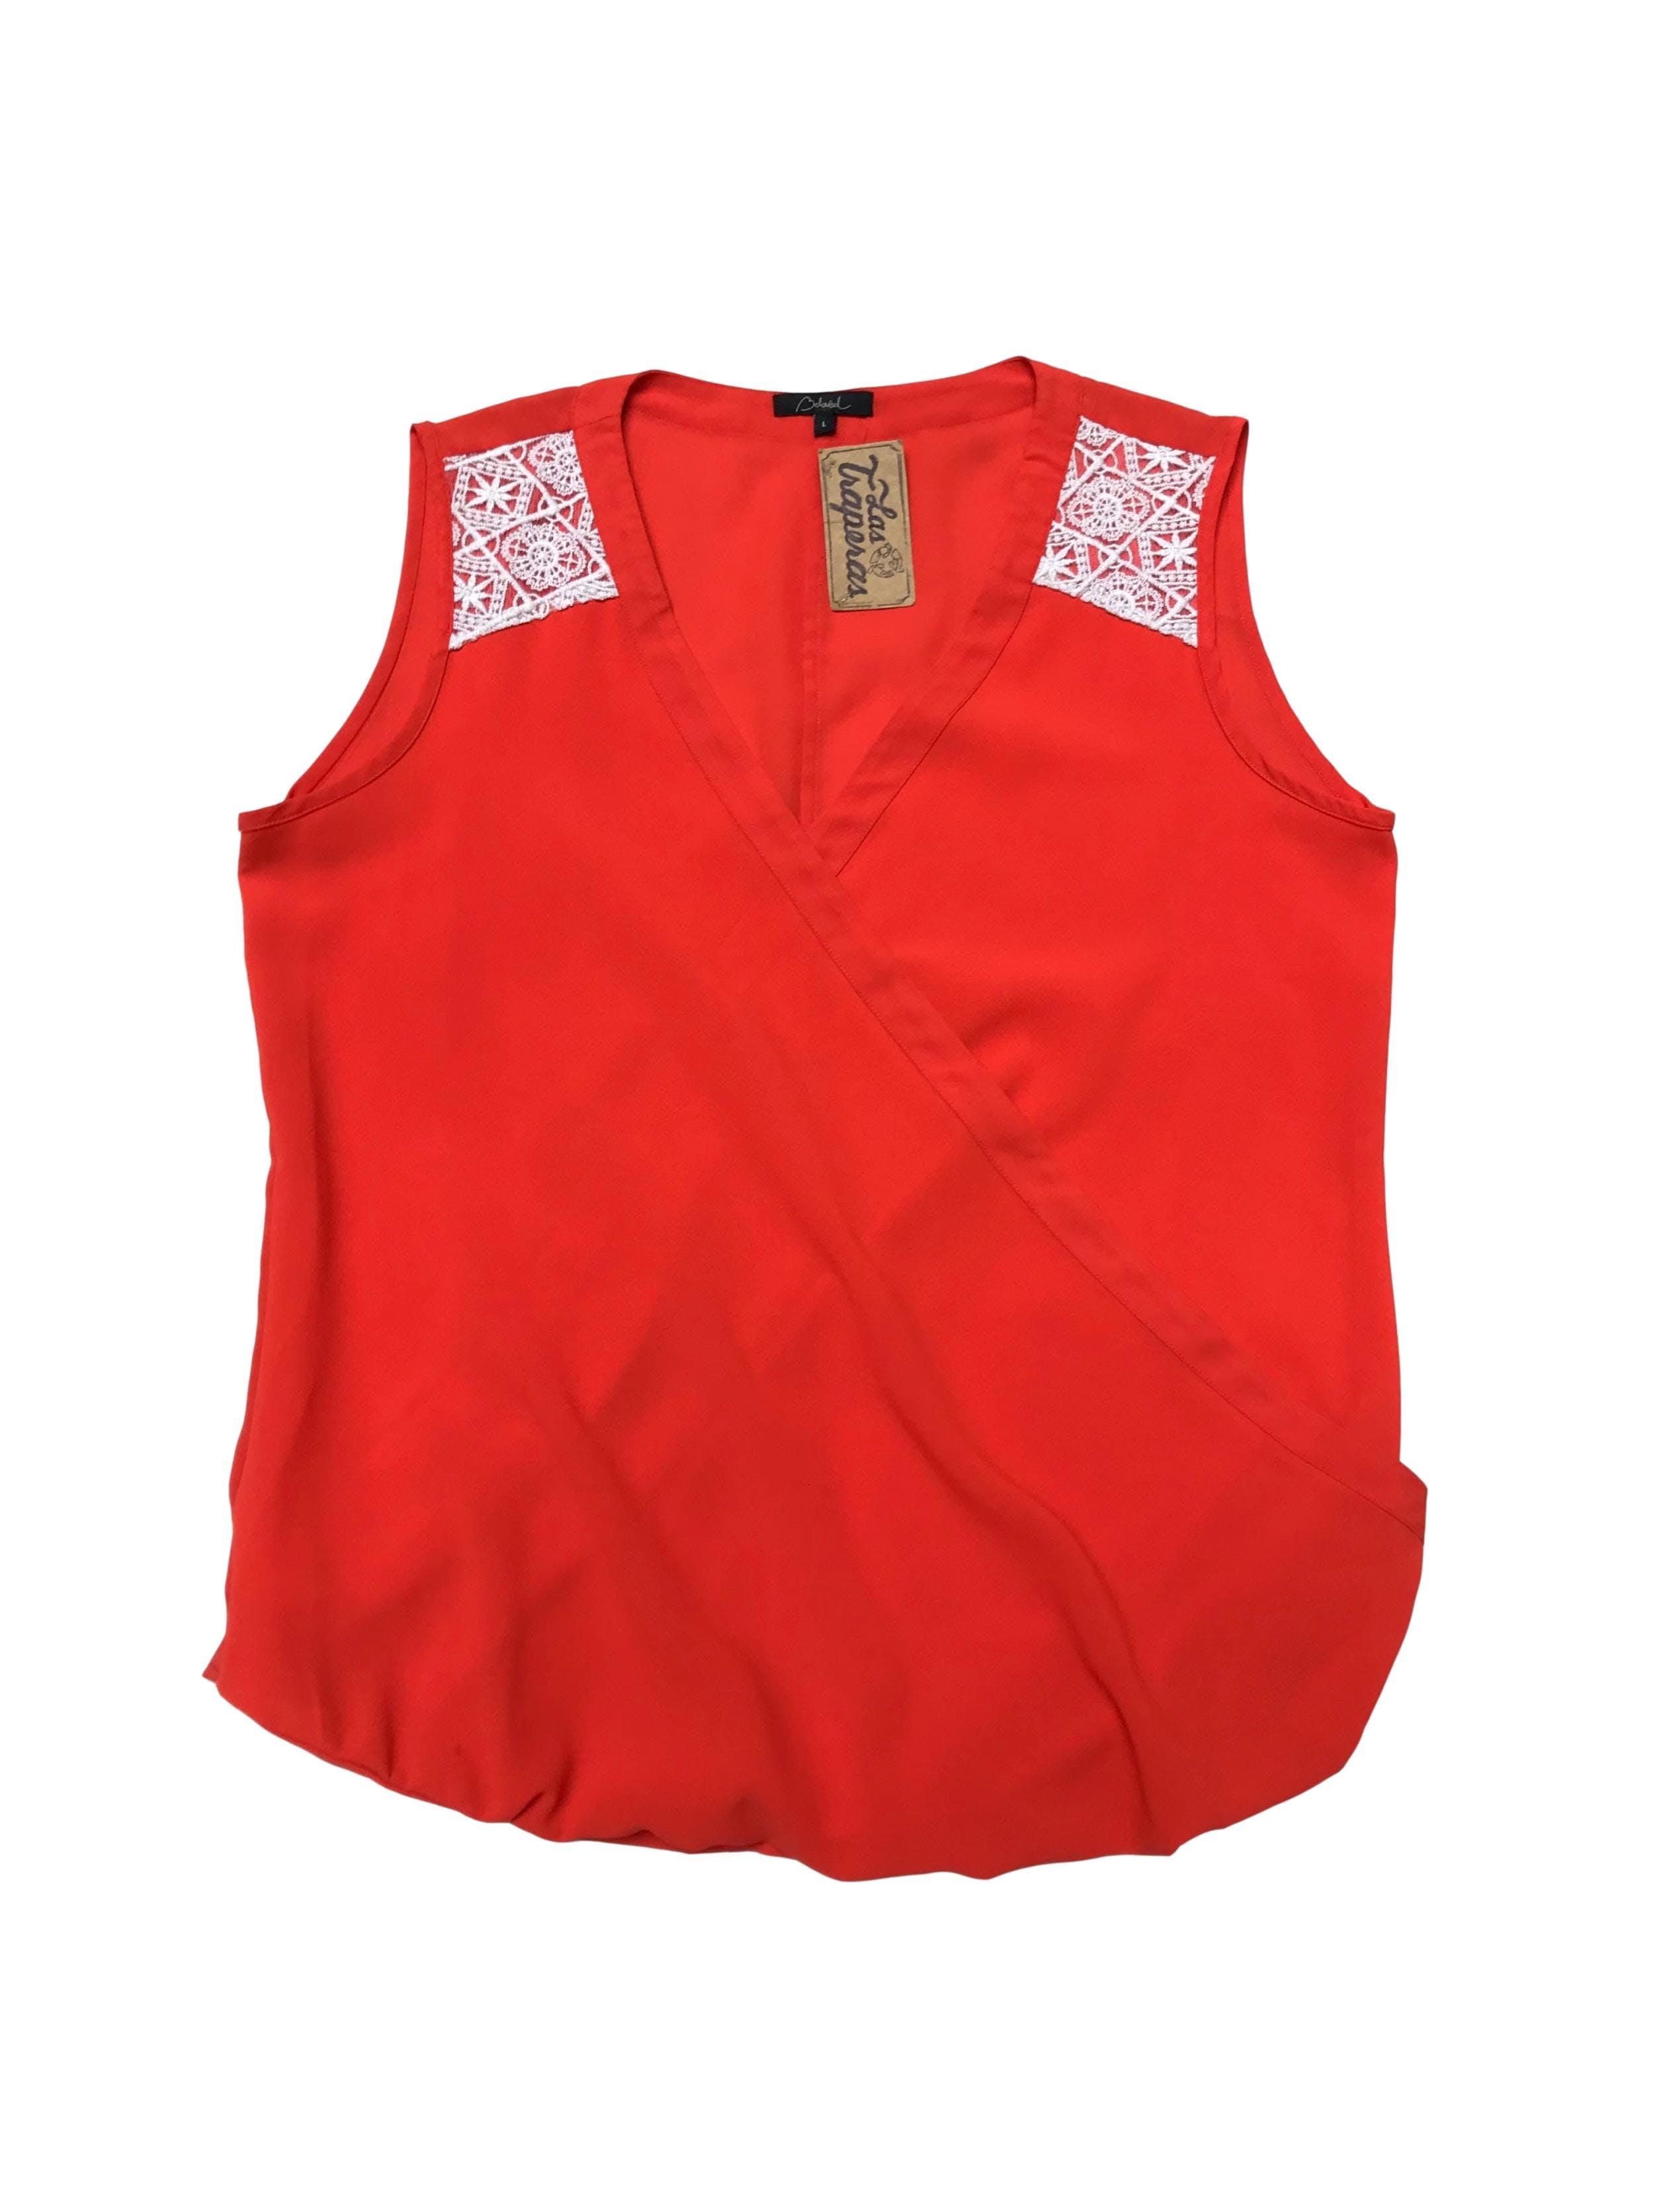 Blusa anaranjada con encaje blanco en hombros, escote cruzado